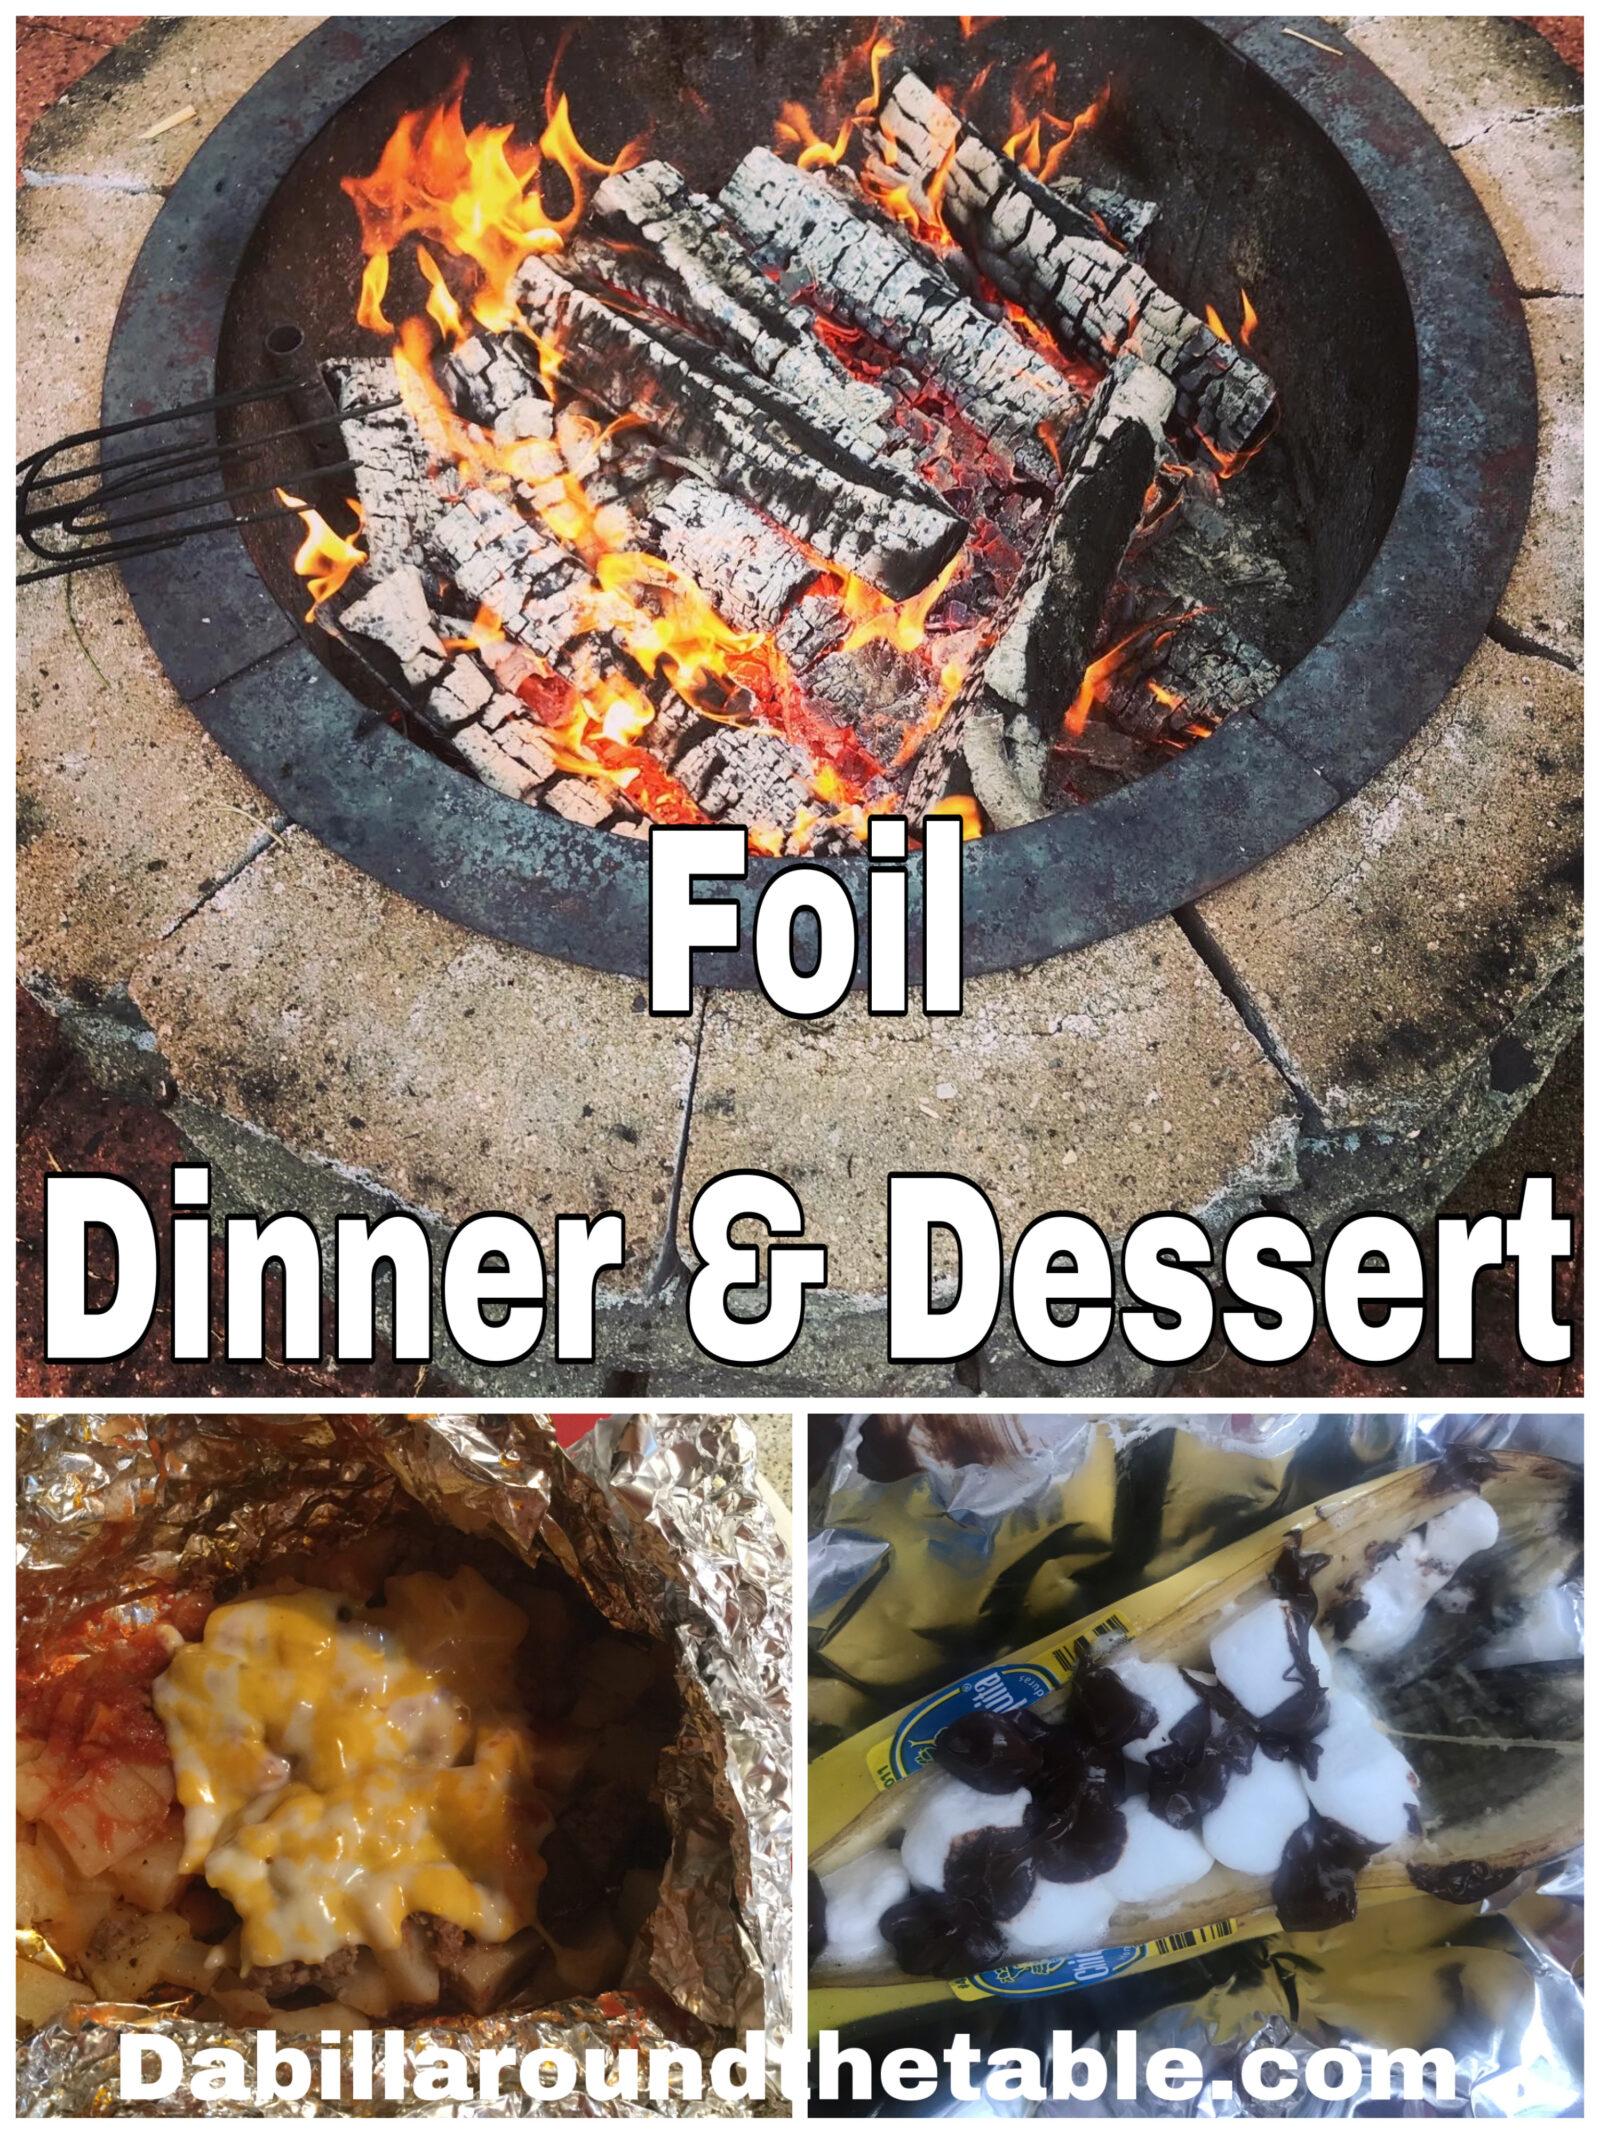 Foil Dinner and Dessert